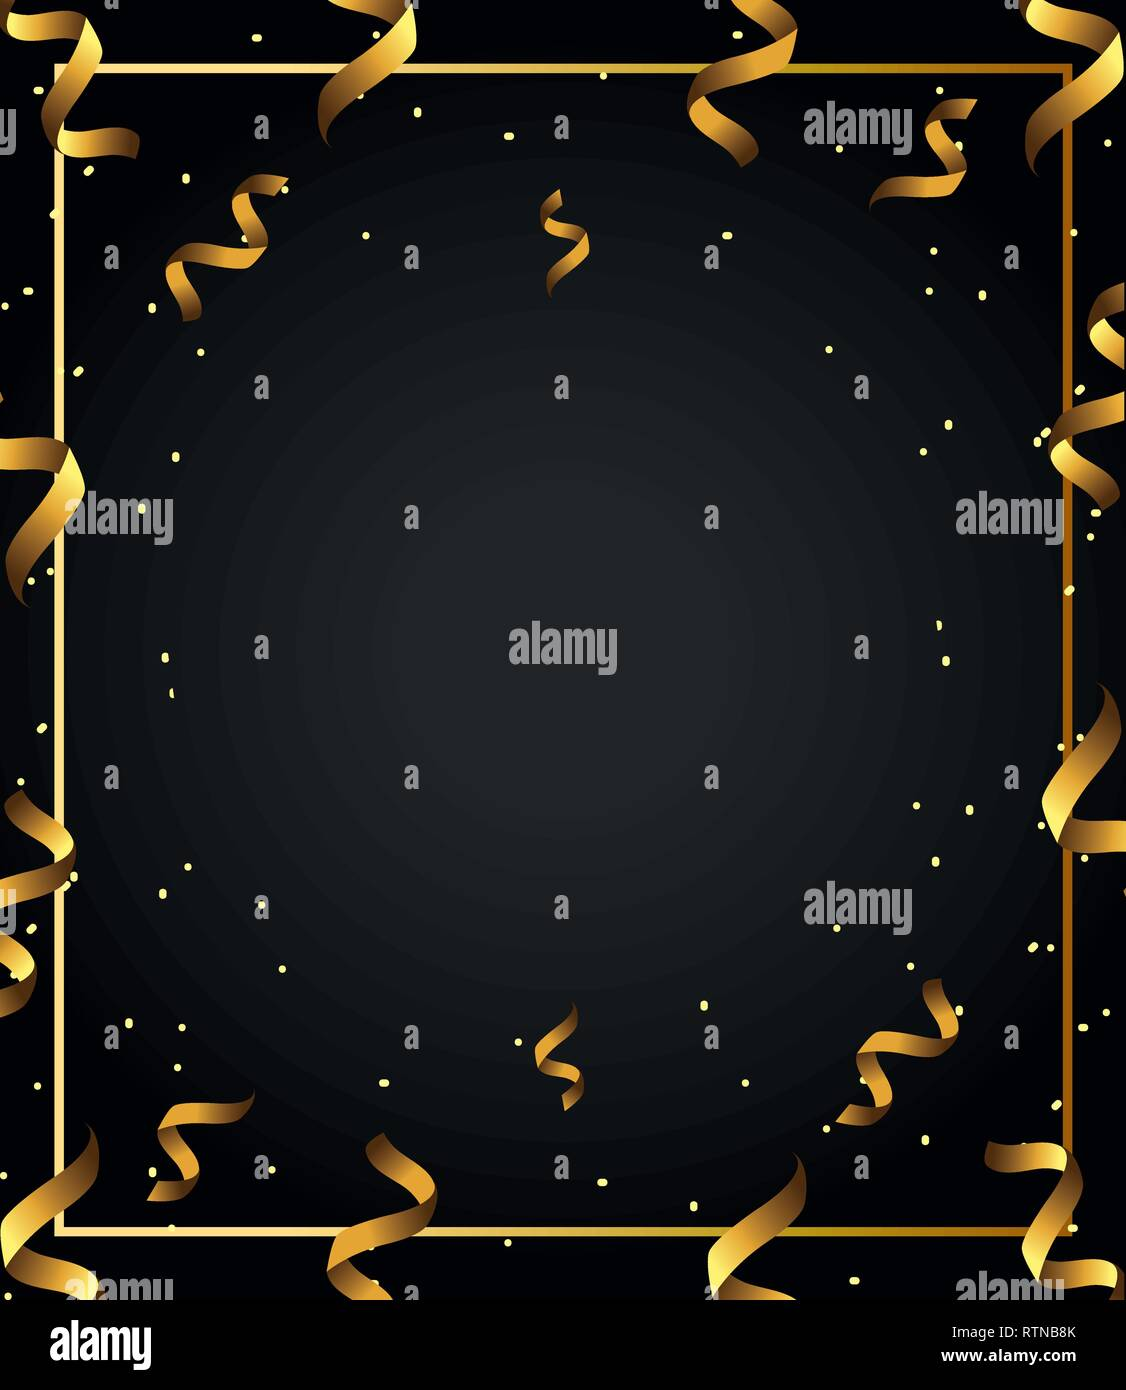 gold swirls background pattern - Stock Image